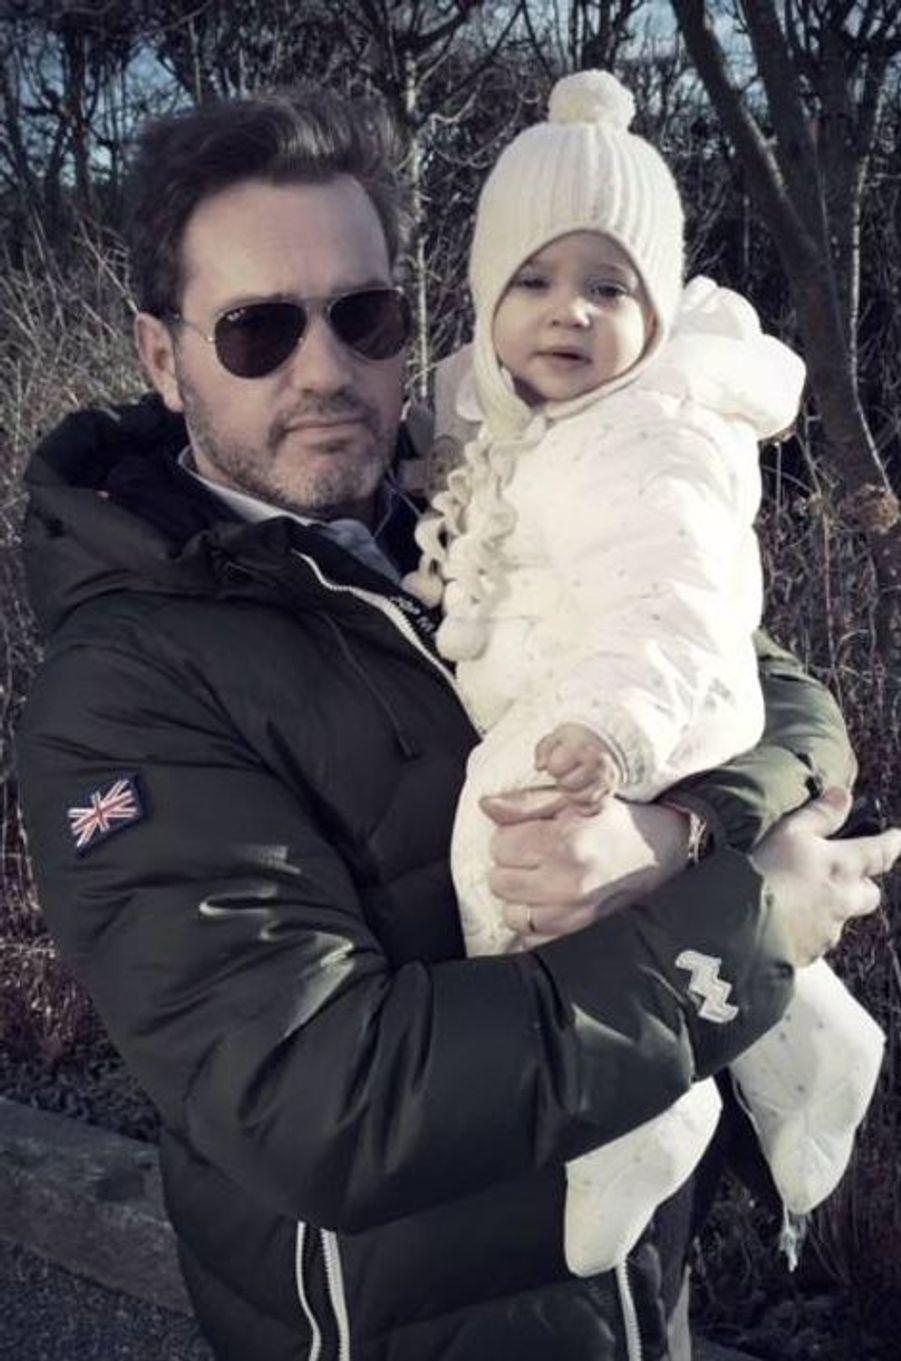 La princesse Leonore de Suède et son papa Christopher O'Neill, photo postée par la princesse Madeleine sur sa page Facebook le 31 décembre 2014